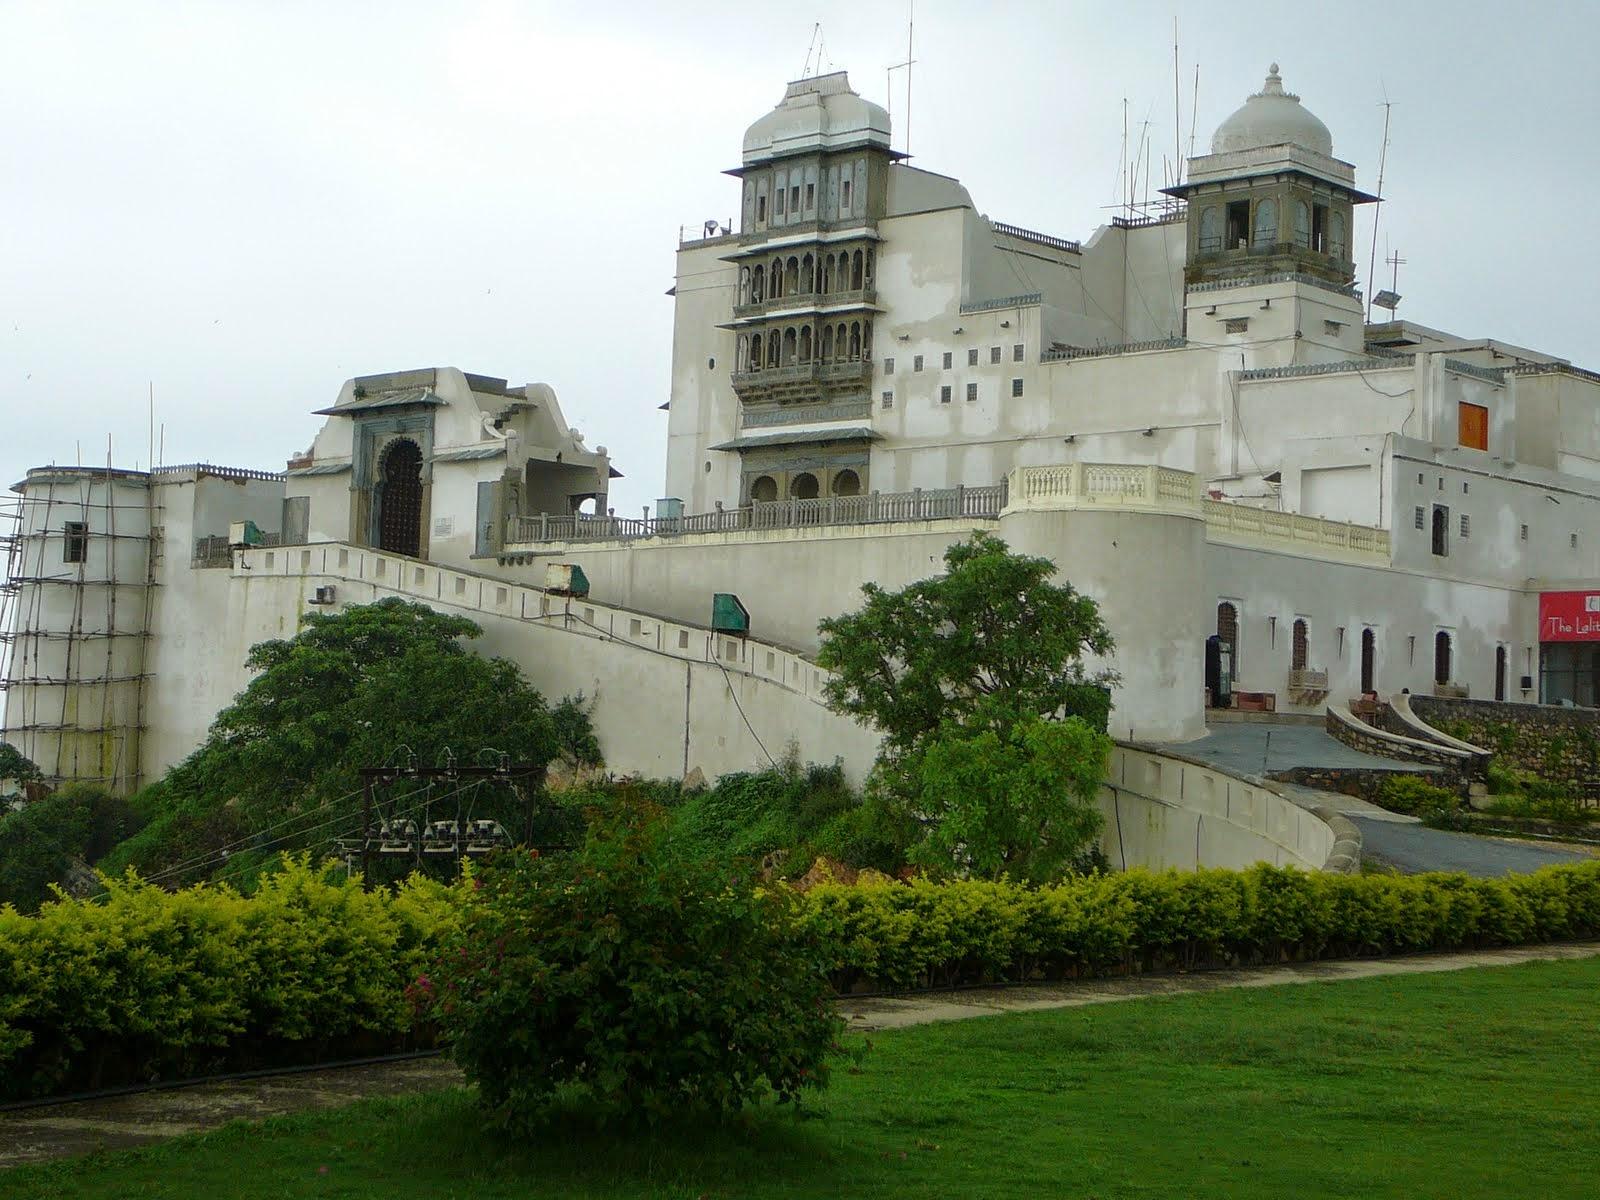 Monsoon-Palace 10 Lugares Más famosos para Visitar en Rajastán